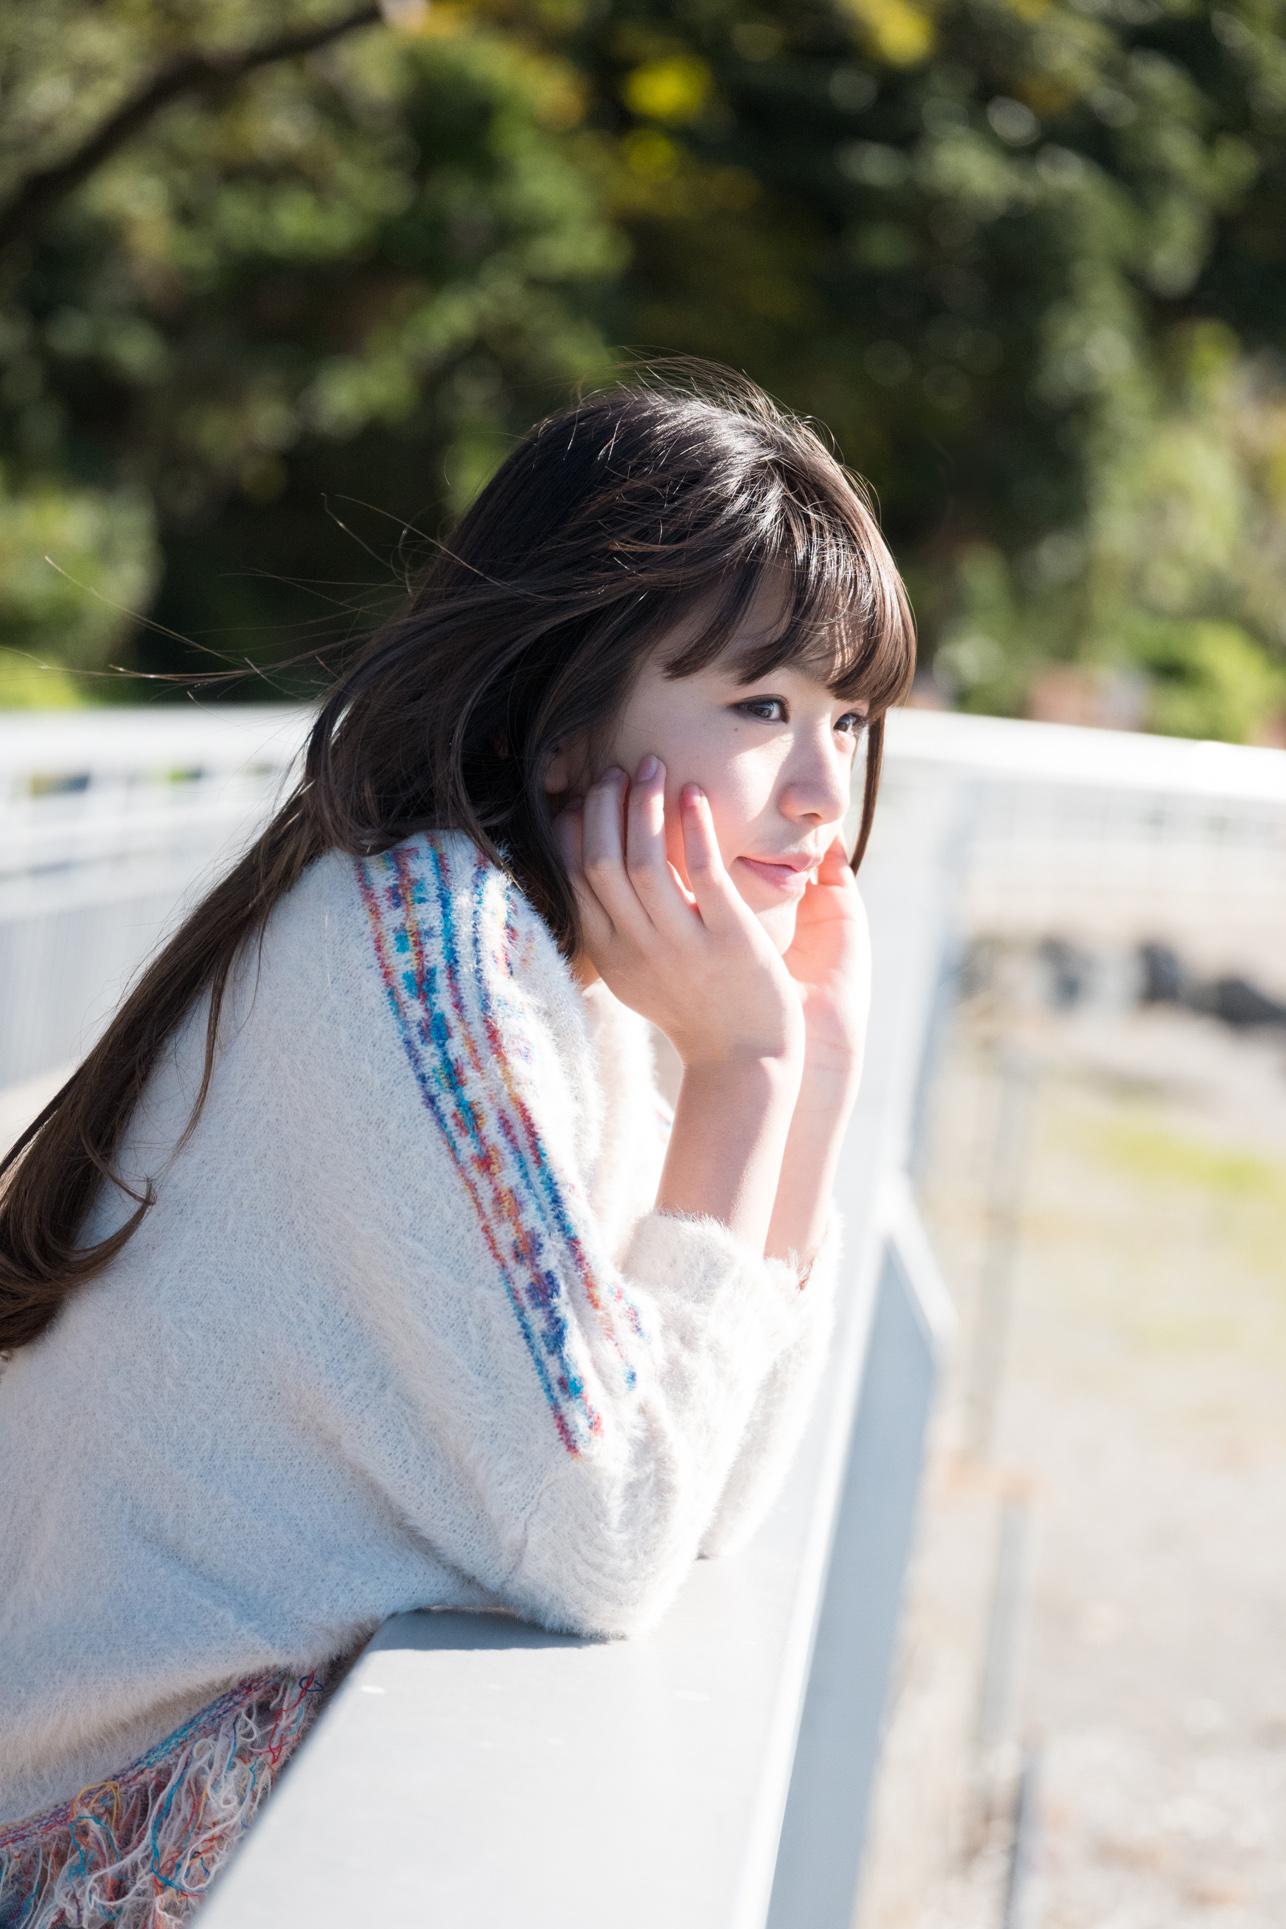 20161231_iwasakiharuka5_photo_toukou